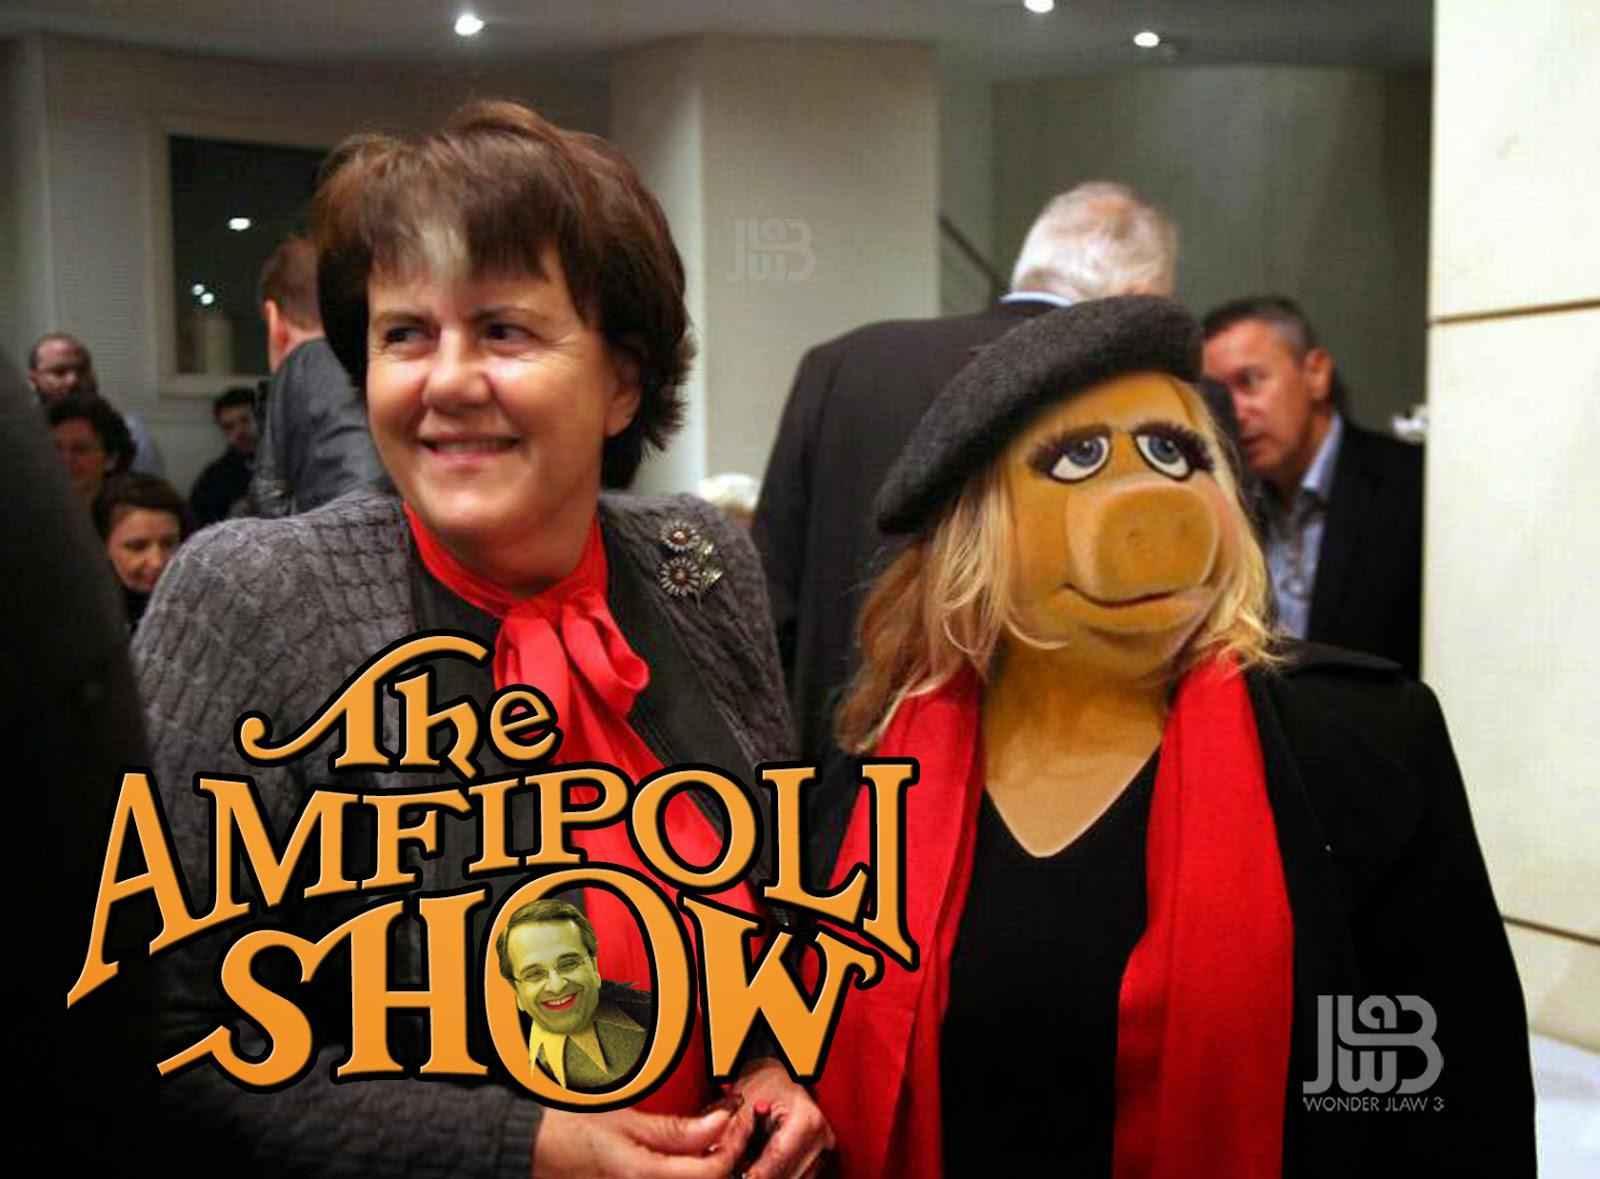 PERSITERH muppet piggy